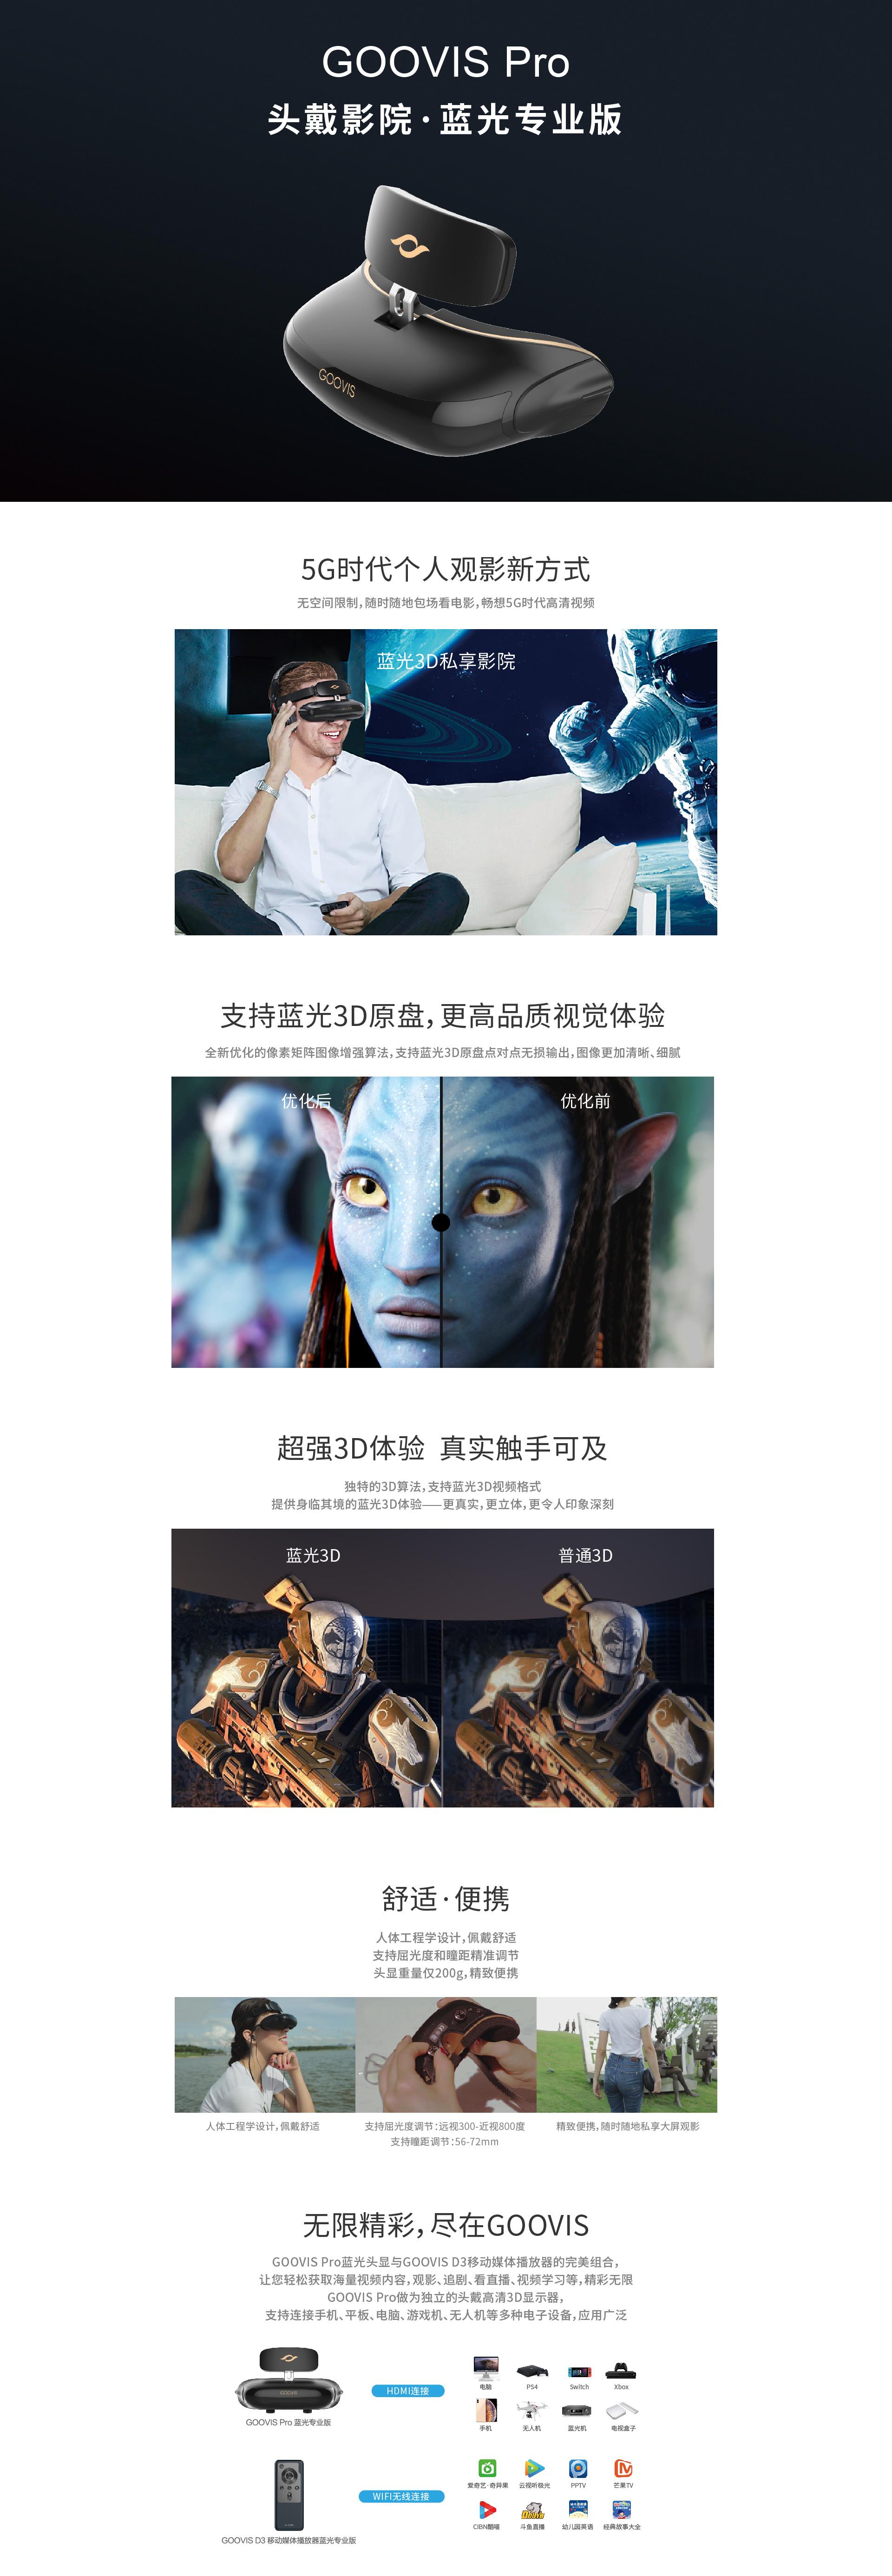 Pro中文官网详情页-20190806-01.jpg